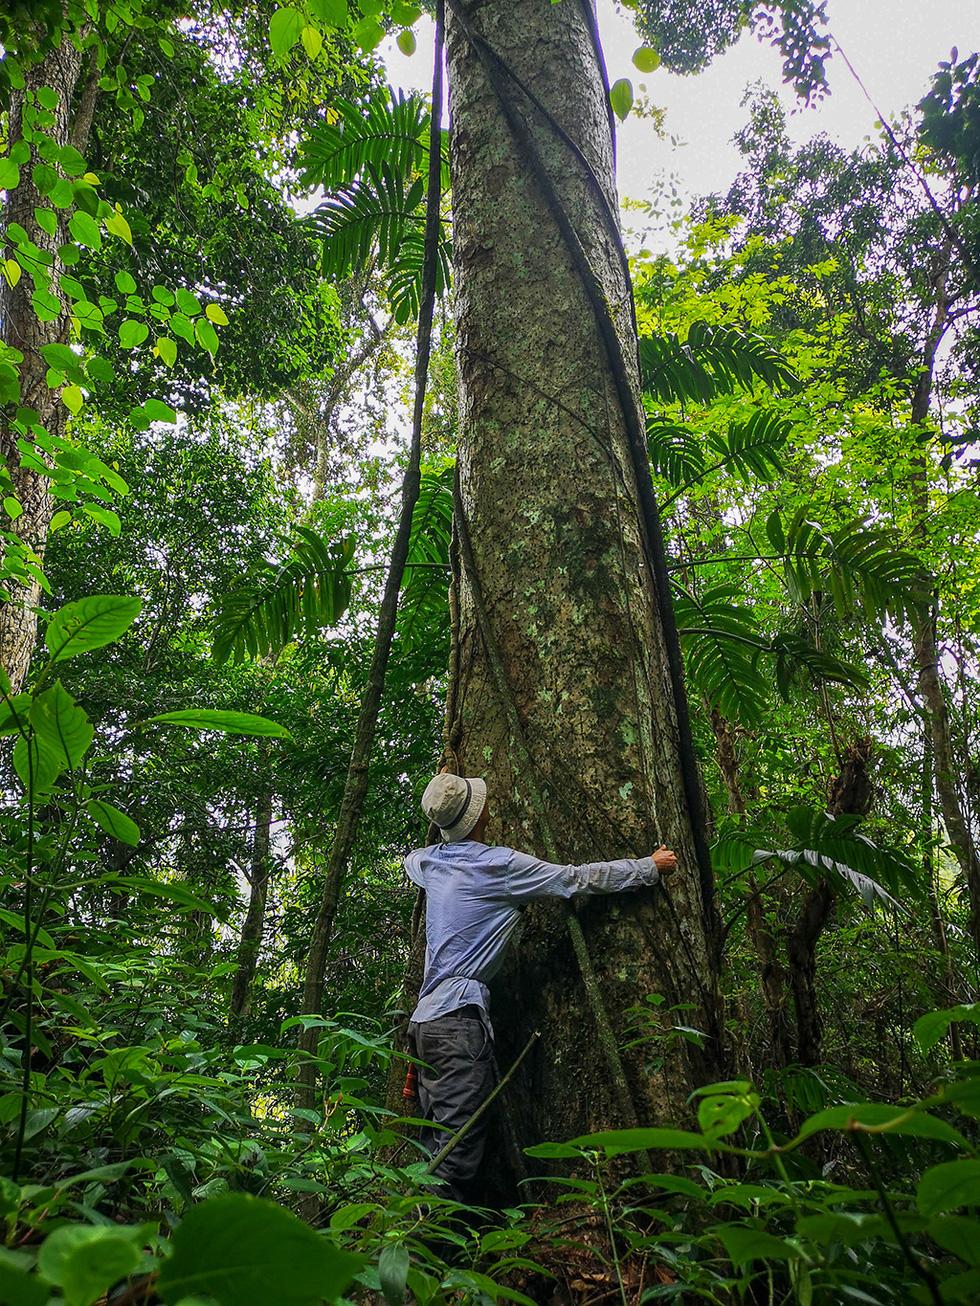 Chảy máu rừng đặc dụng Cham Chu: Tàn sát cổ thụ để lấy nu gỗ - Ảnh 4.